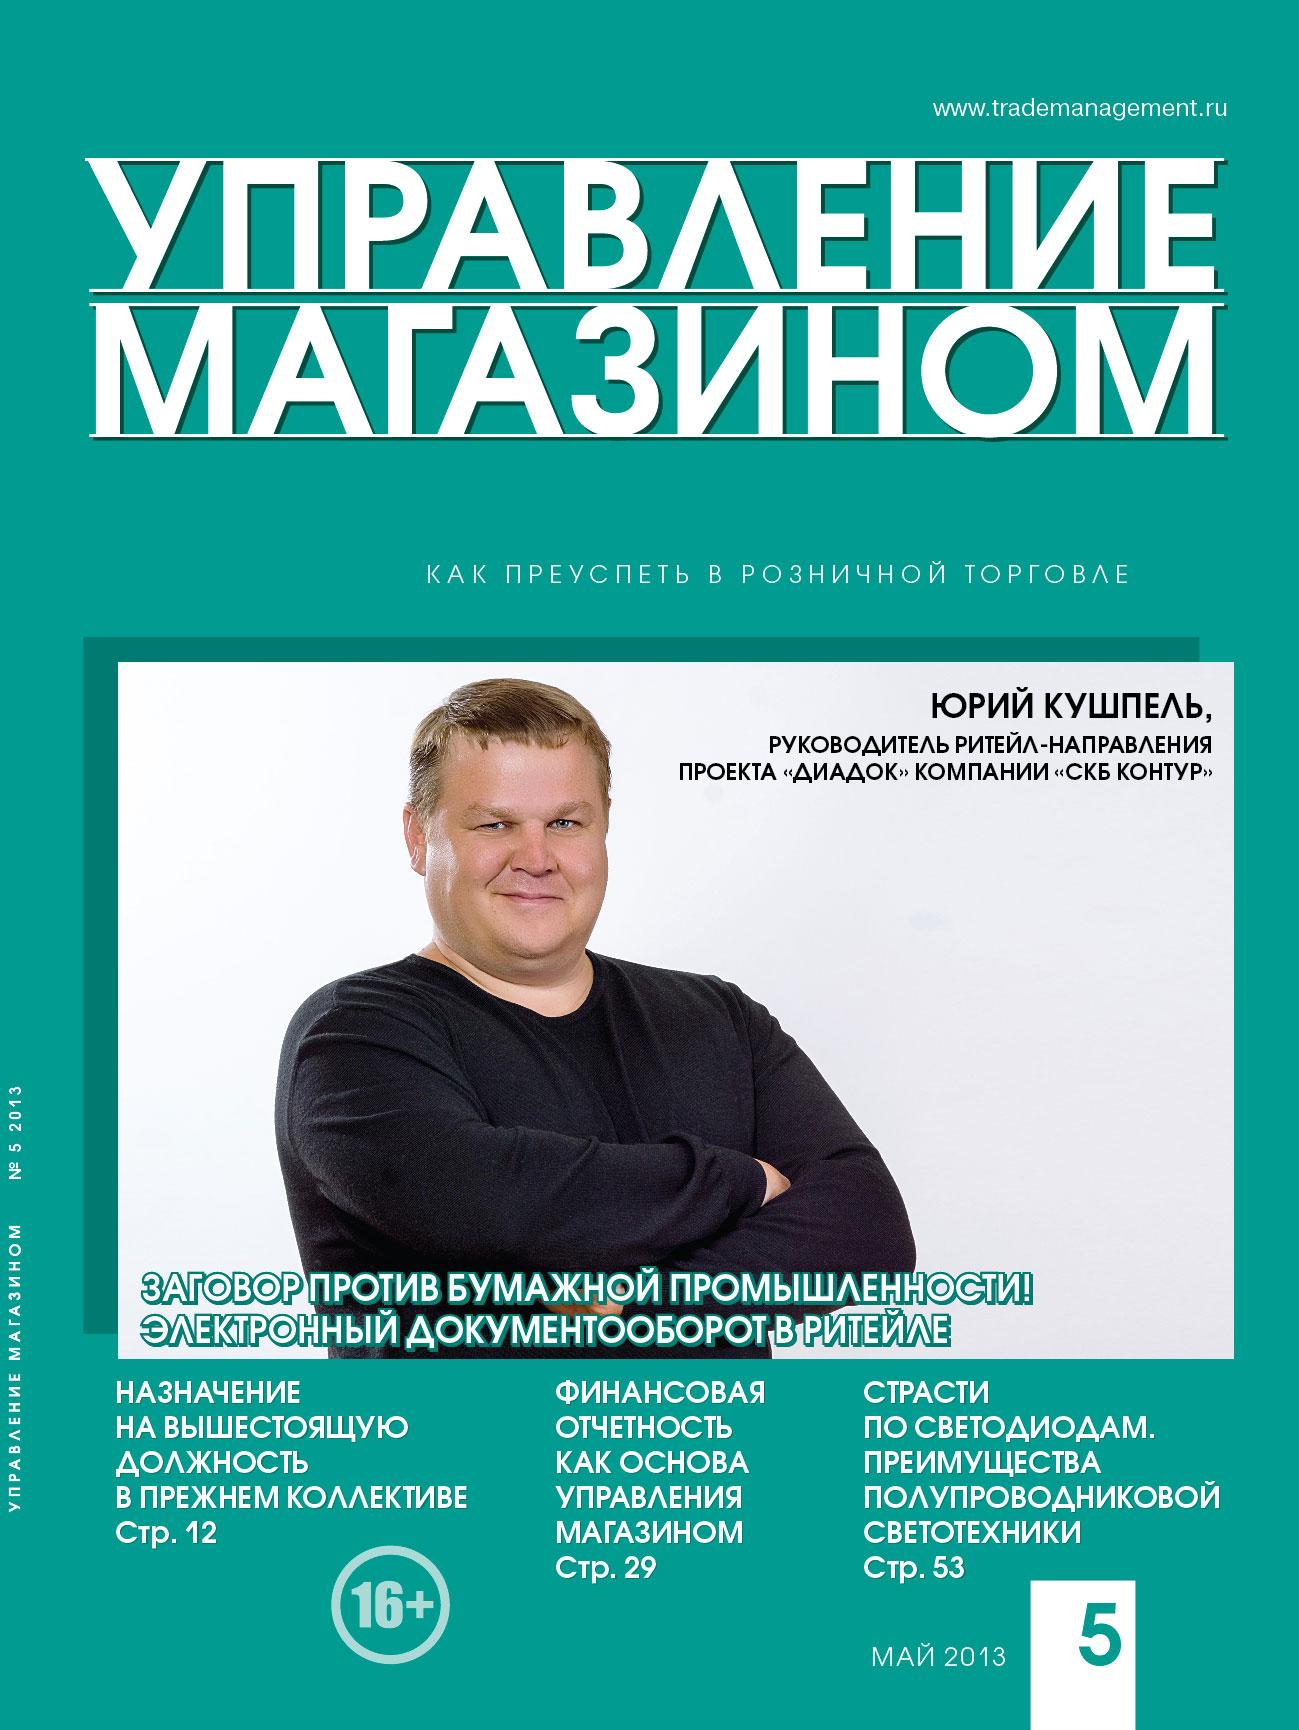 Сайт журнала управление компанией петербургреконструкция строительная компания официальный сайт